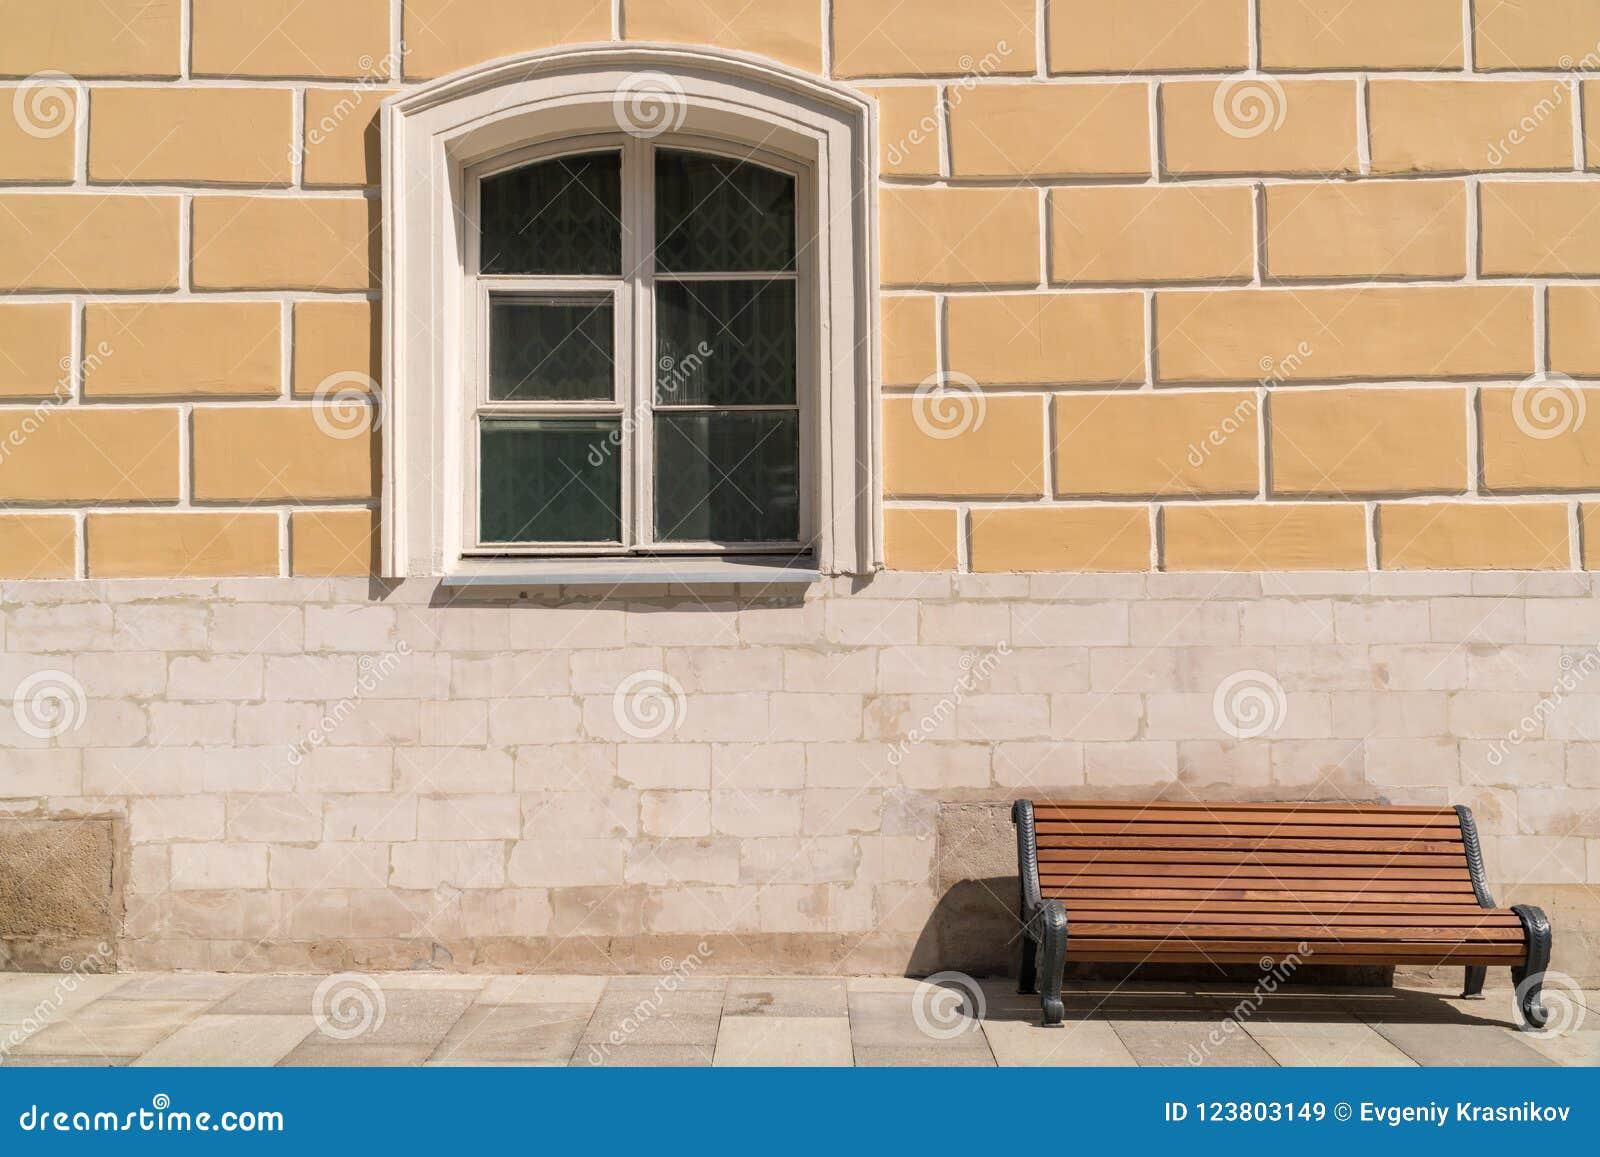 Lege bank tegen de muur met een venster